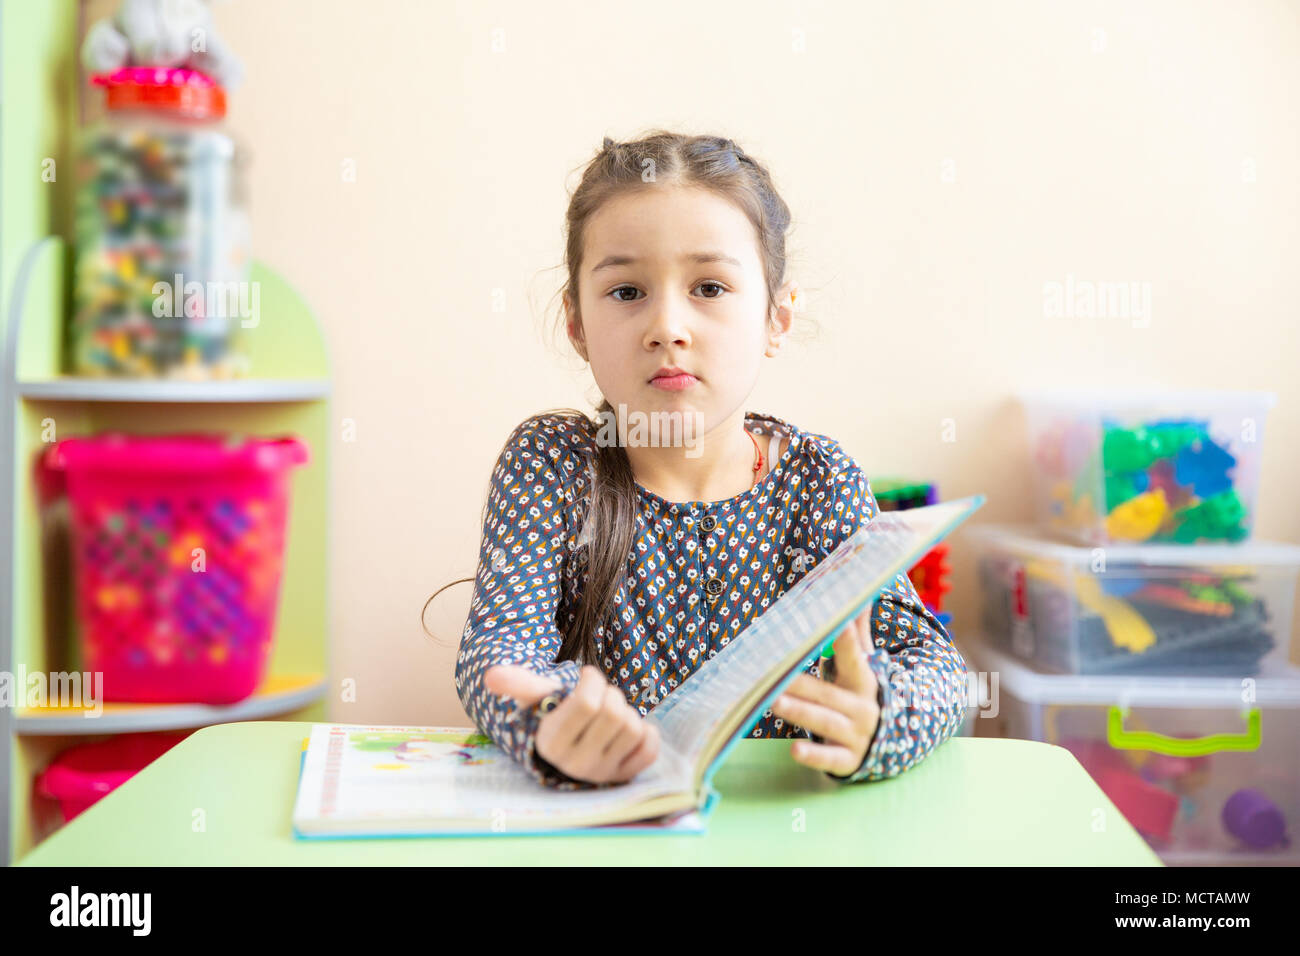 Cute little girl faire leurs devoirs, lire un livre, des pages à colorier, écrire et peindre. Les enfants de la peinture. Attirer les enfants. Bambin avec des livres à la maison. Les enfants d'âge préscolaire apprennent à lire et écrire. Tout-petits créatifs Photo Stock